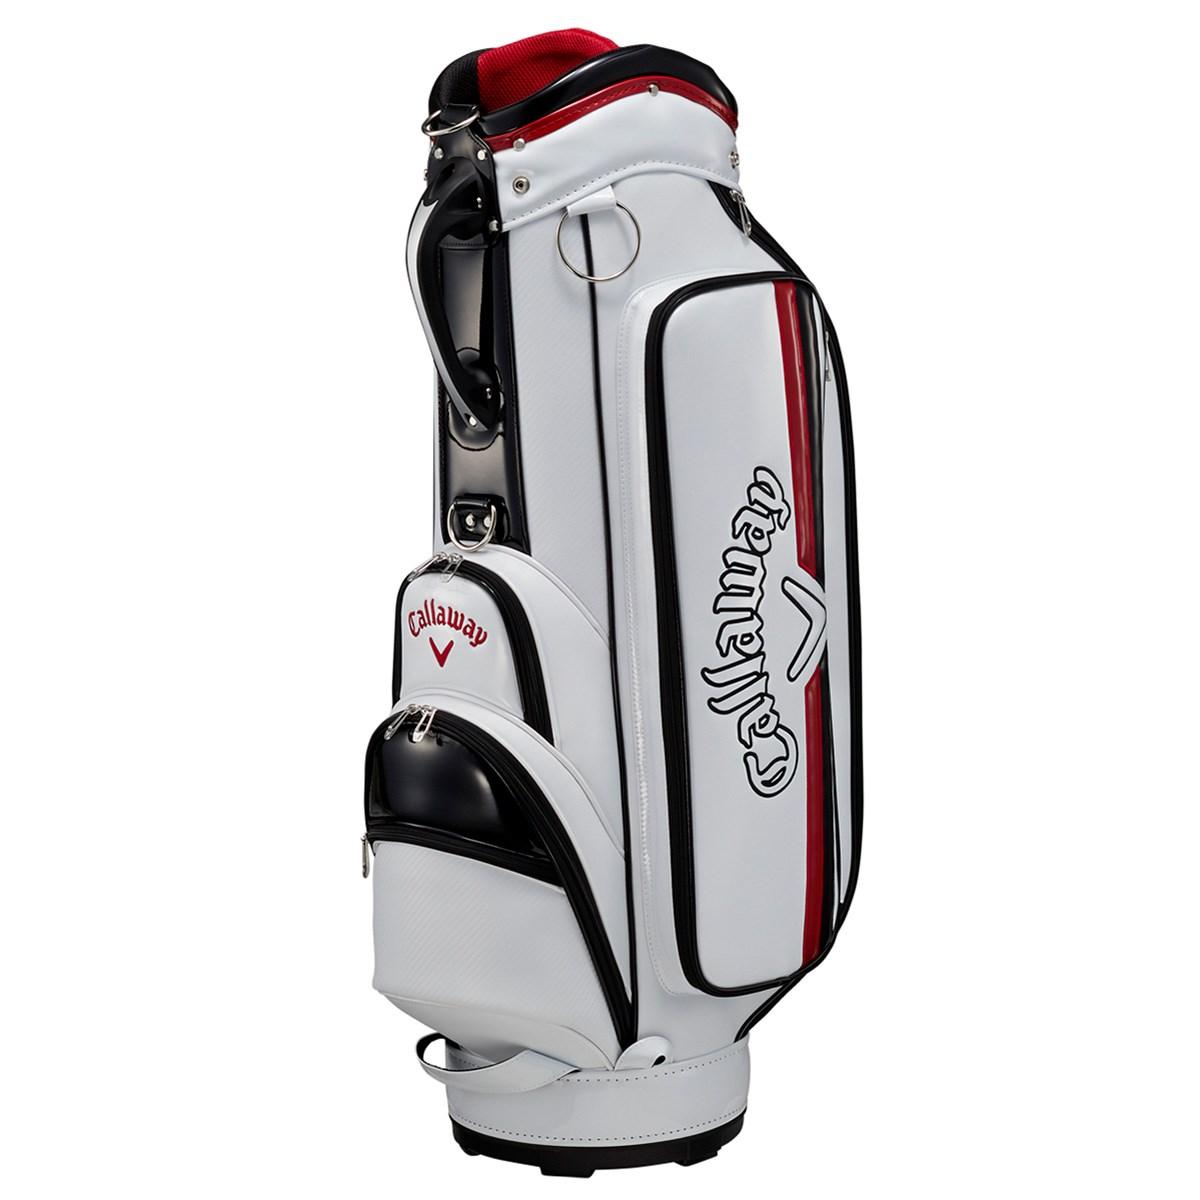 キャロウェイゴルフ Callaway Golf SOLID JM キャディバッグ ホワイト/ブラック